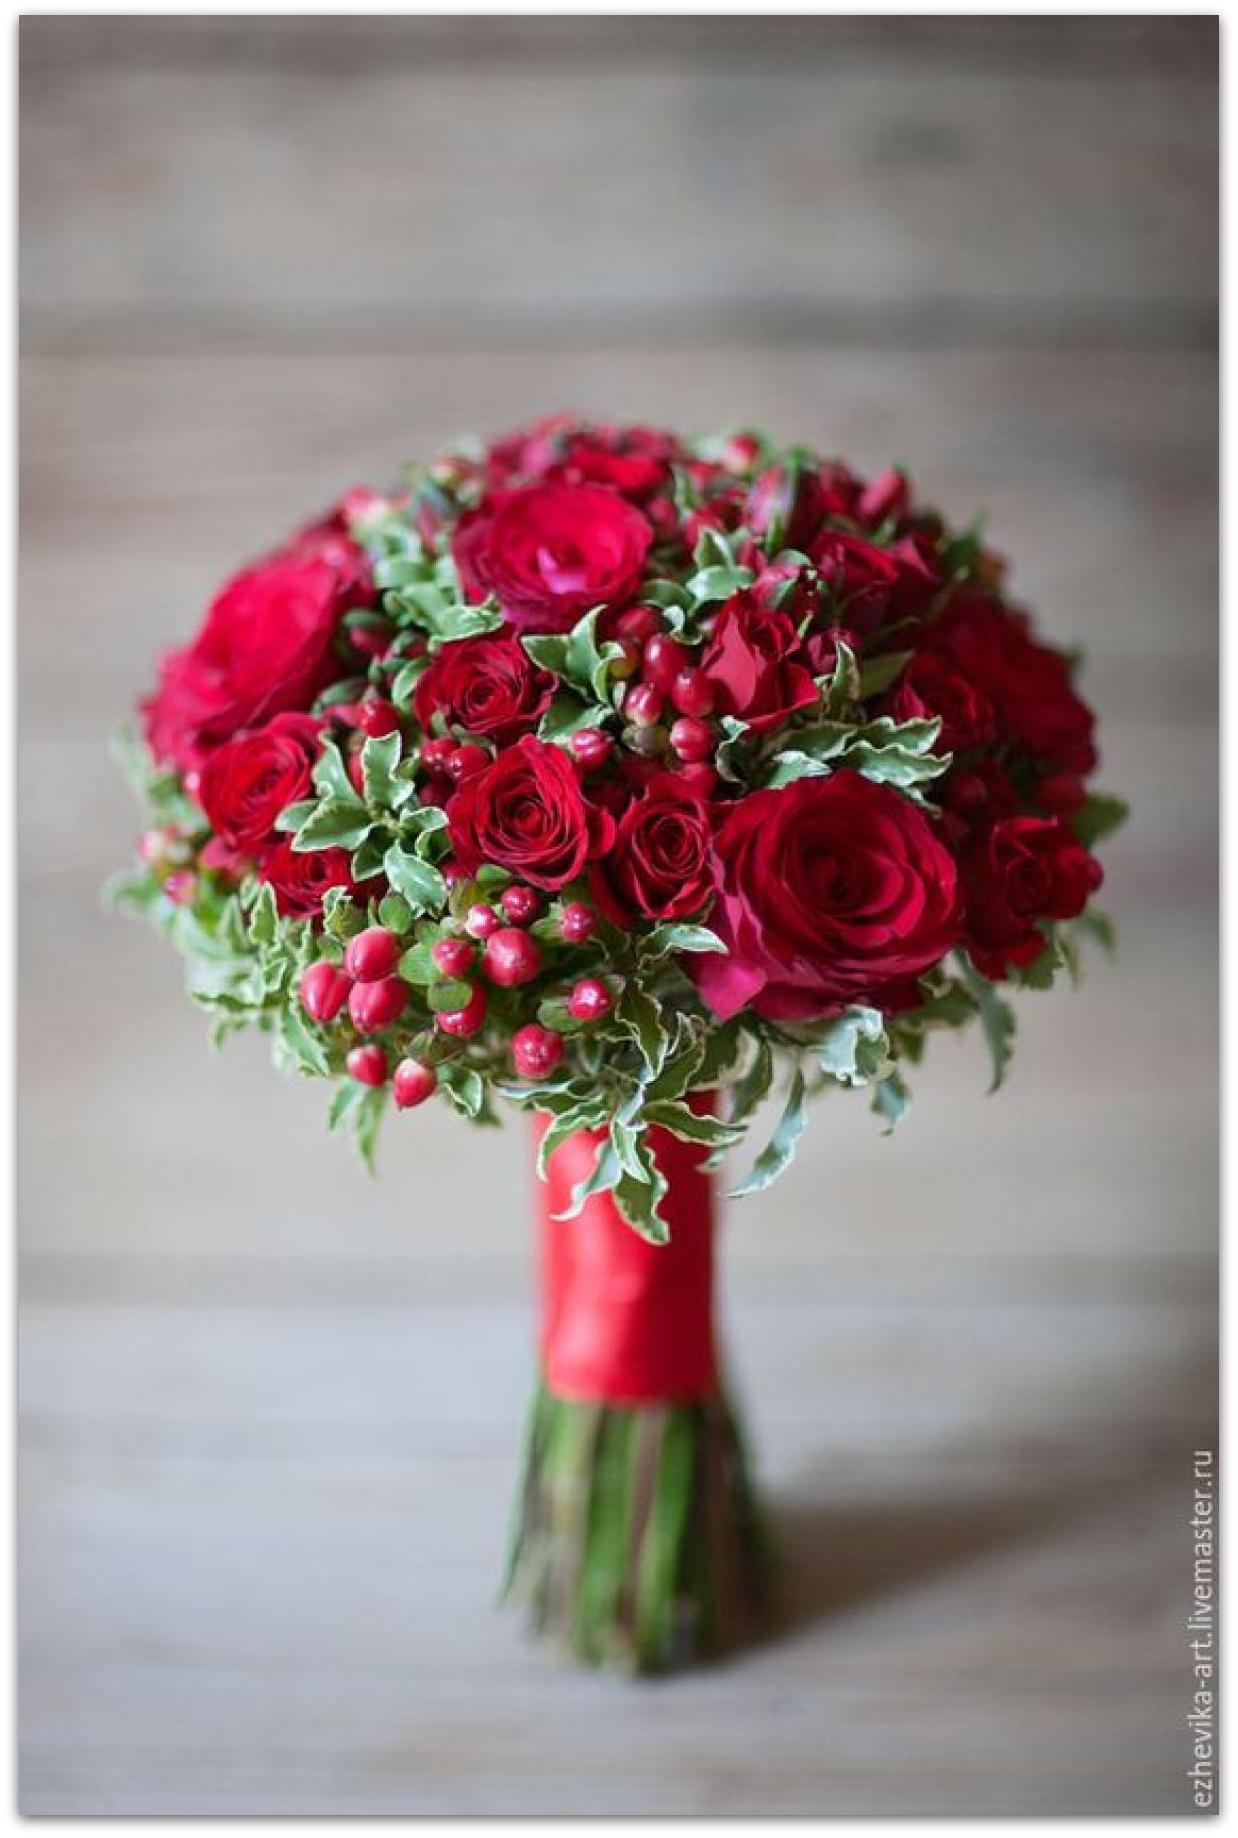 De Románticos Los – Flores Y Más Novia Rosas Originales 18 Ramos kiuTwXPZO